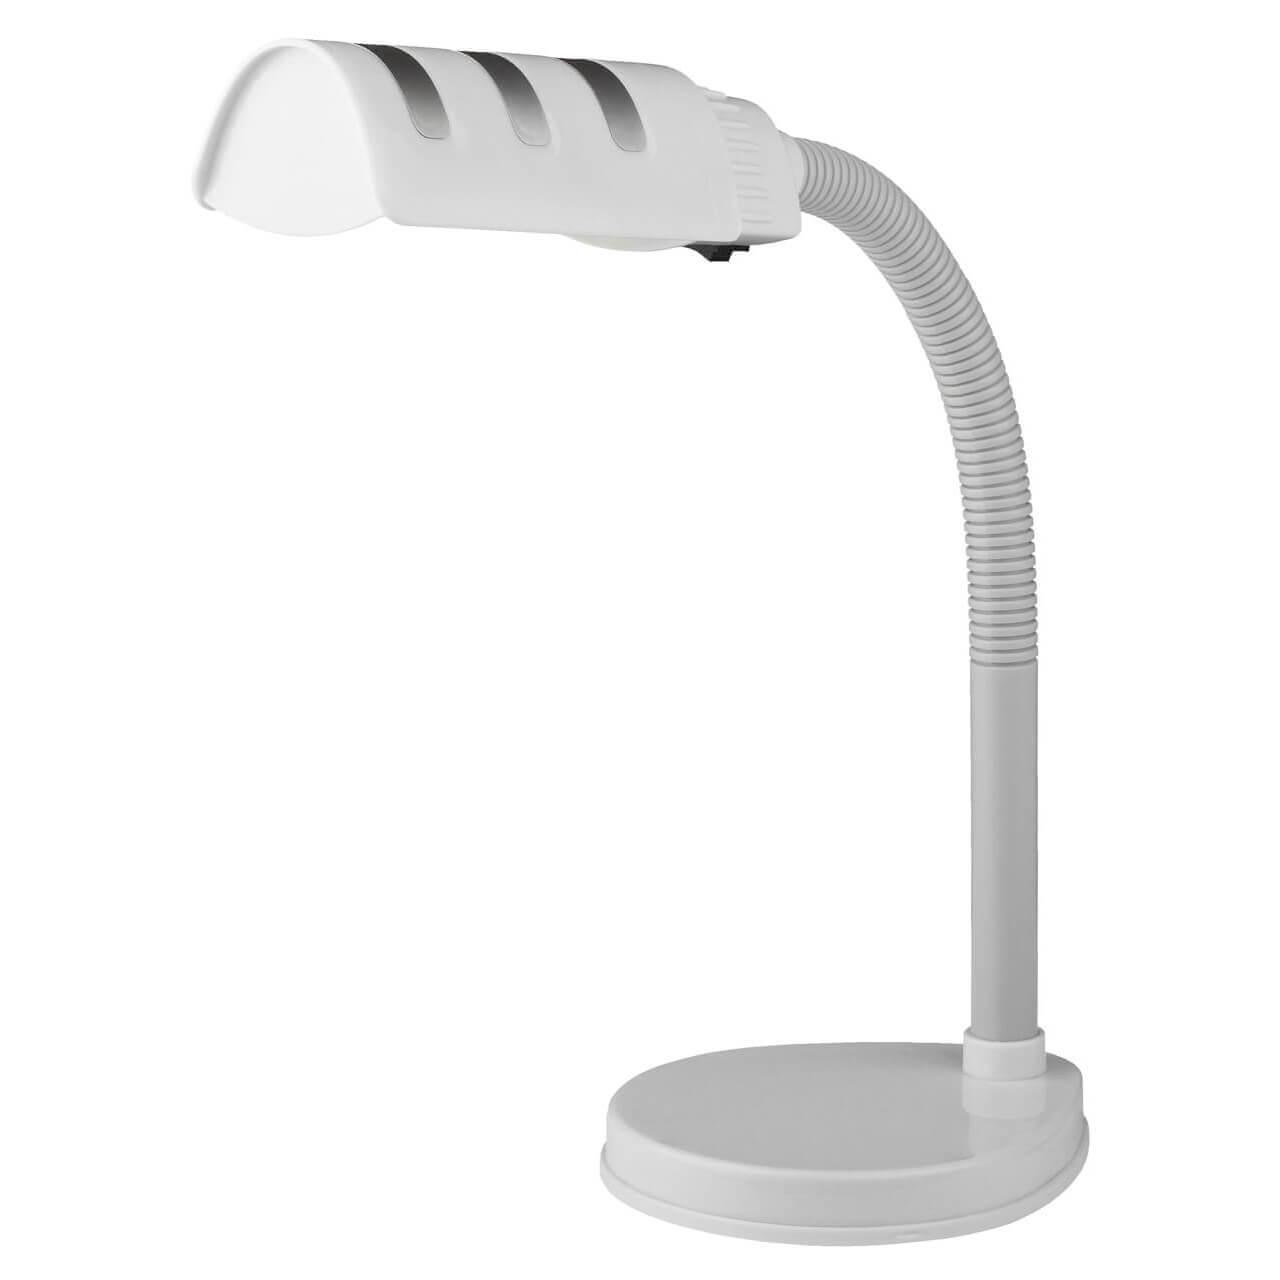 Настольная лампа ЭРА NE-302-E27-15W-W настольная лампа эра ne 306 e27 25w w